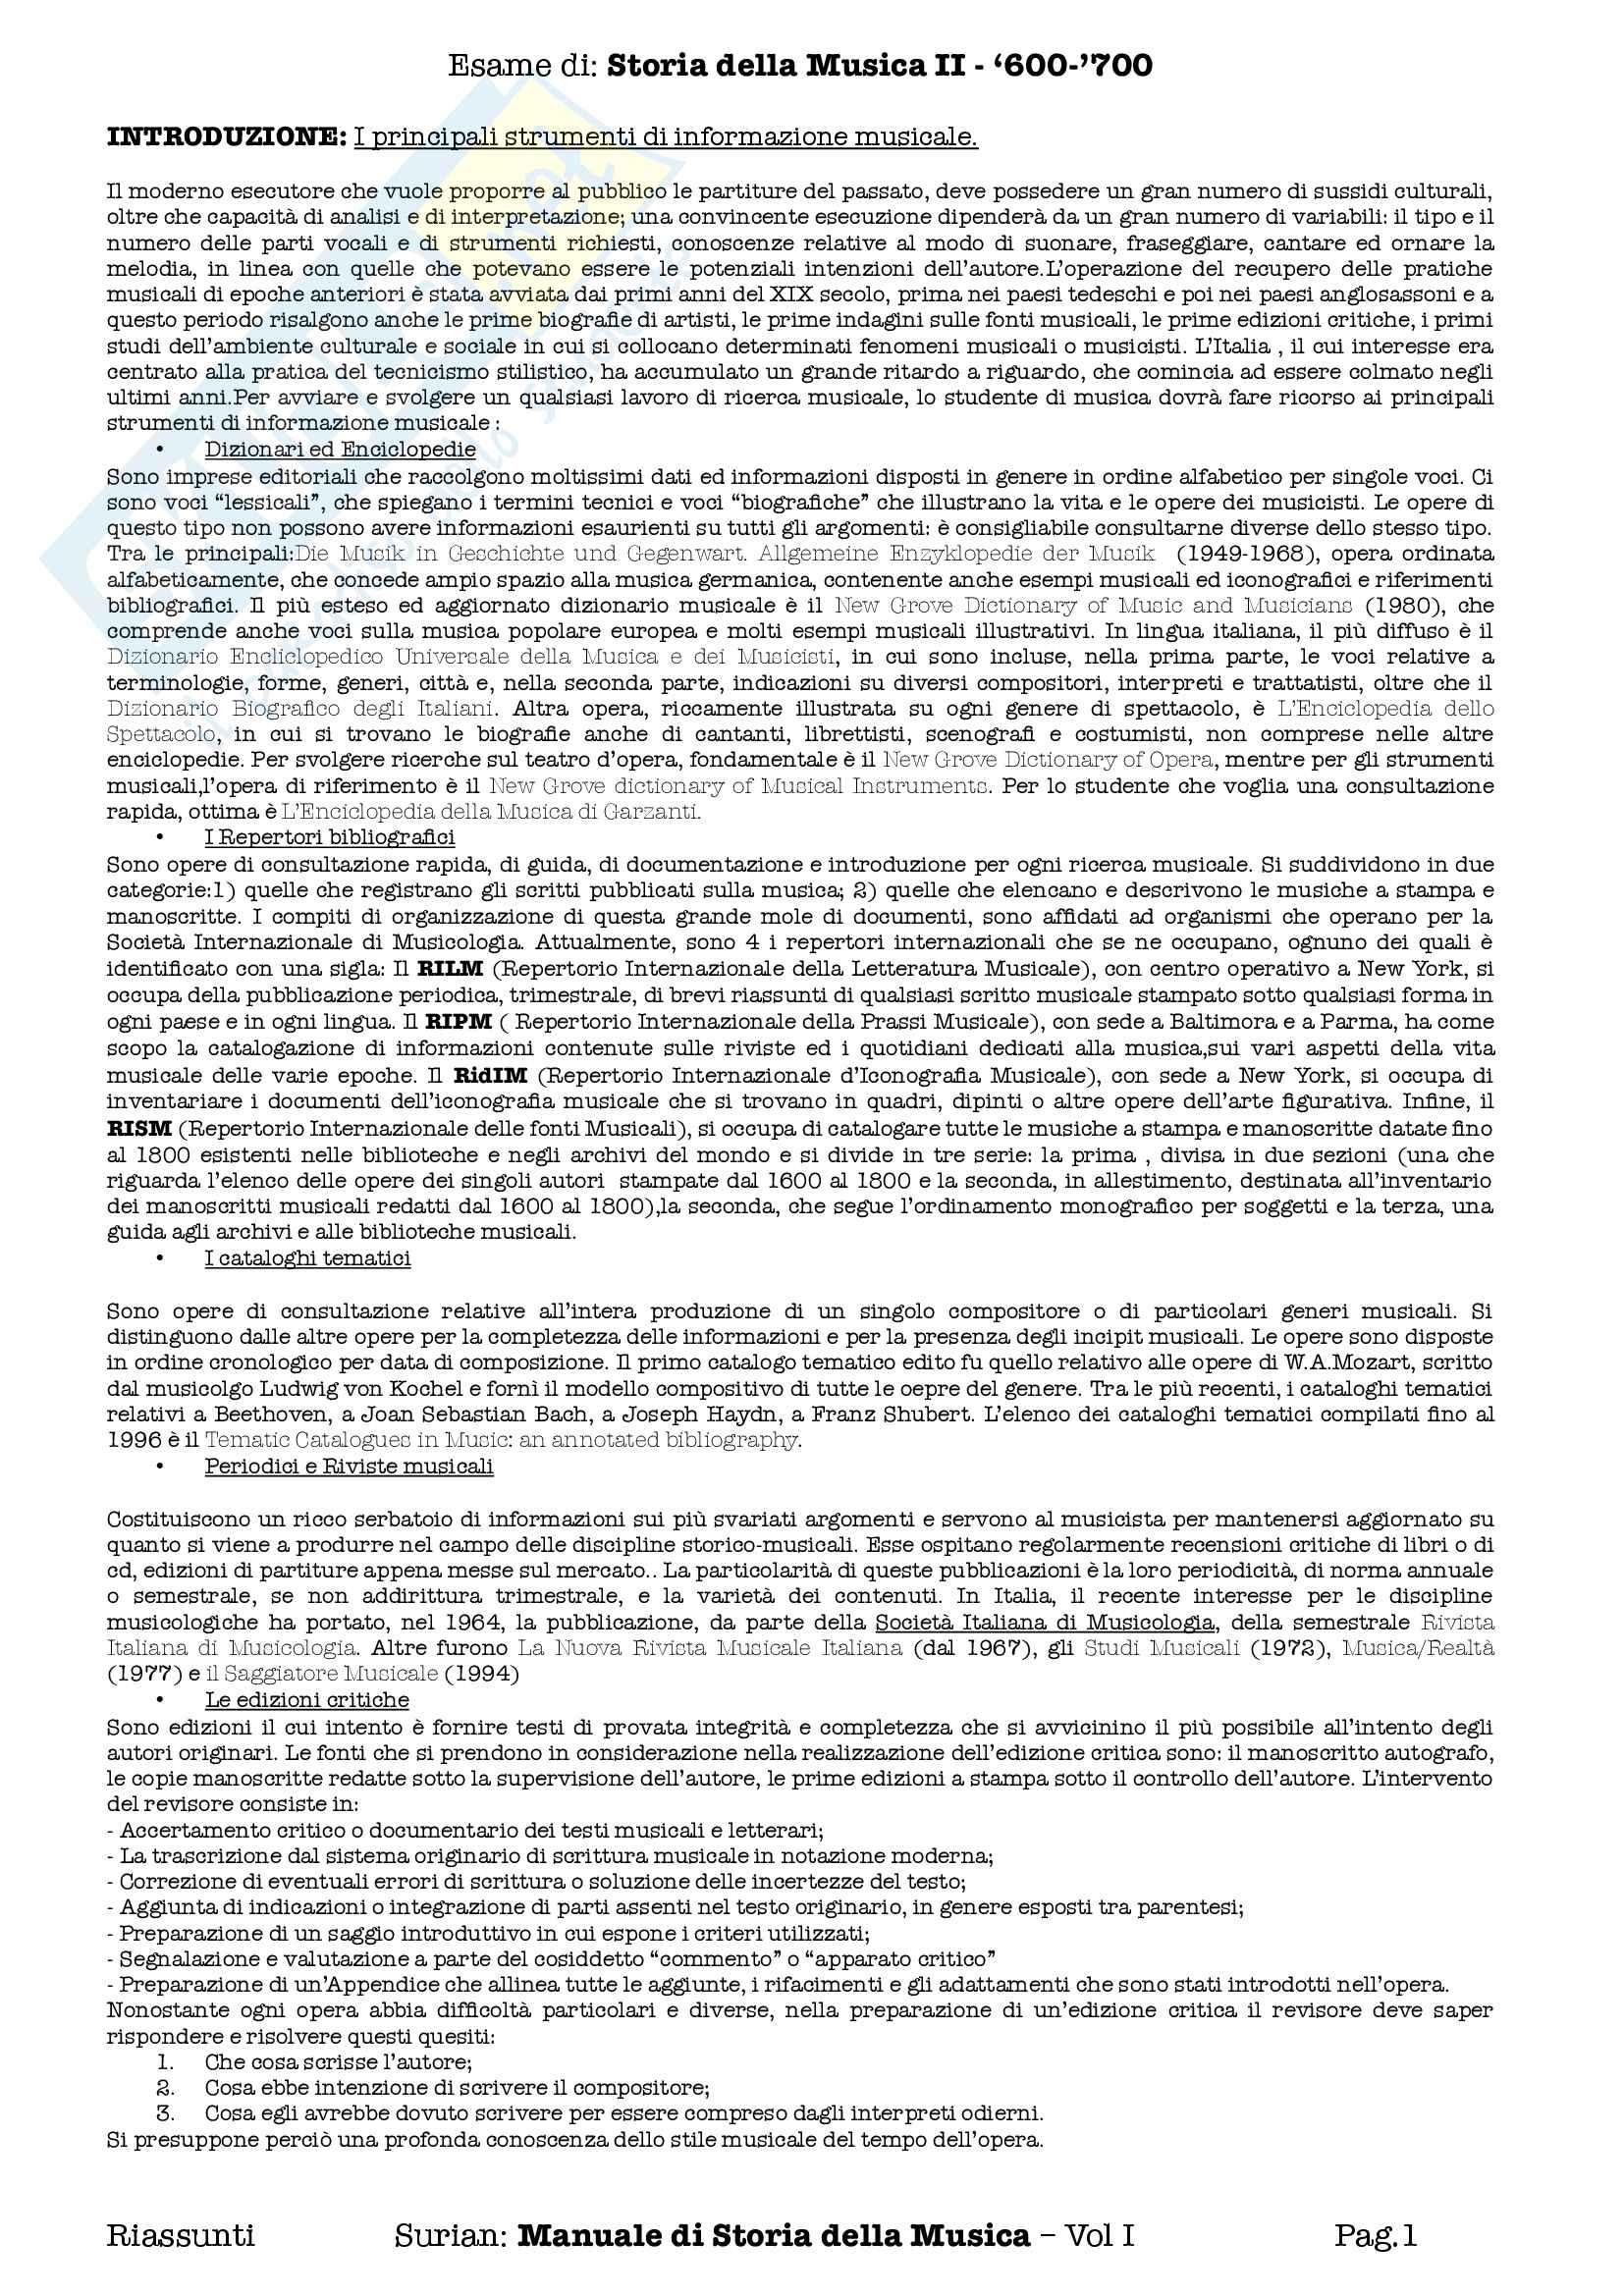 Riassunti esame Storia della Musica II 600 700, prof Pasquini. Libro consigliato Manuale di Storia della Musica, Surian, Vol. I